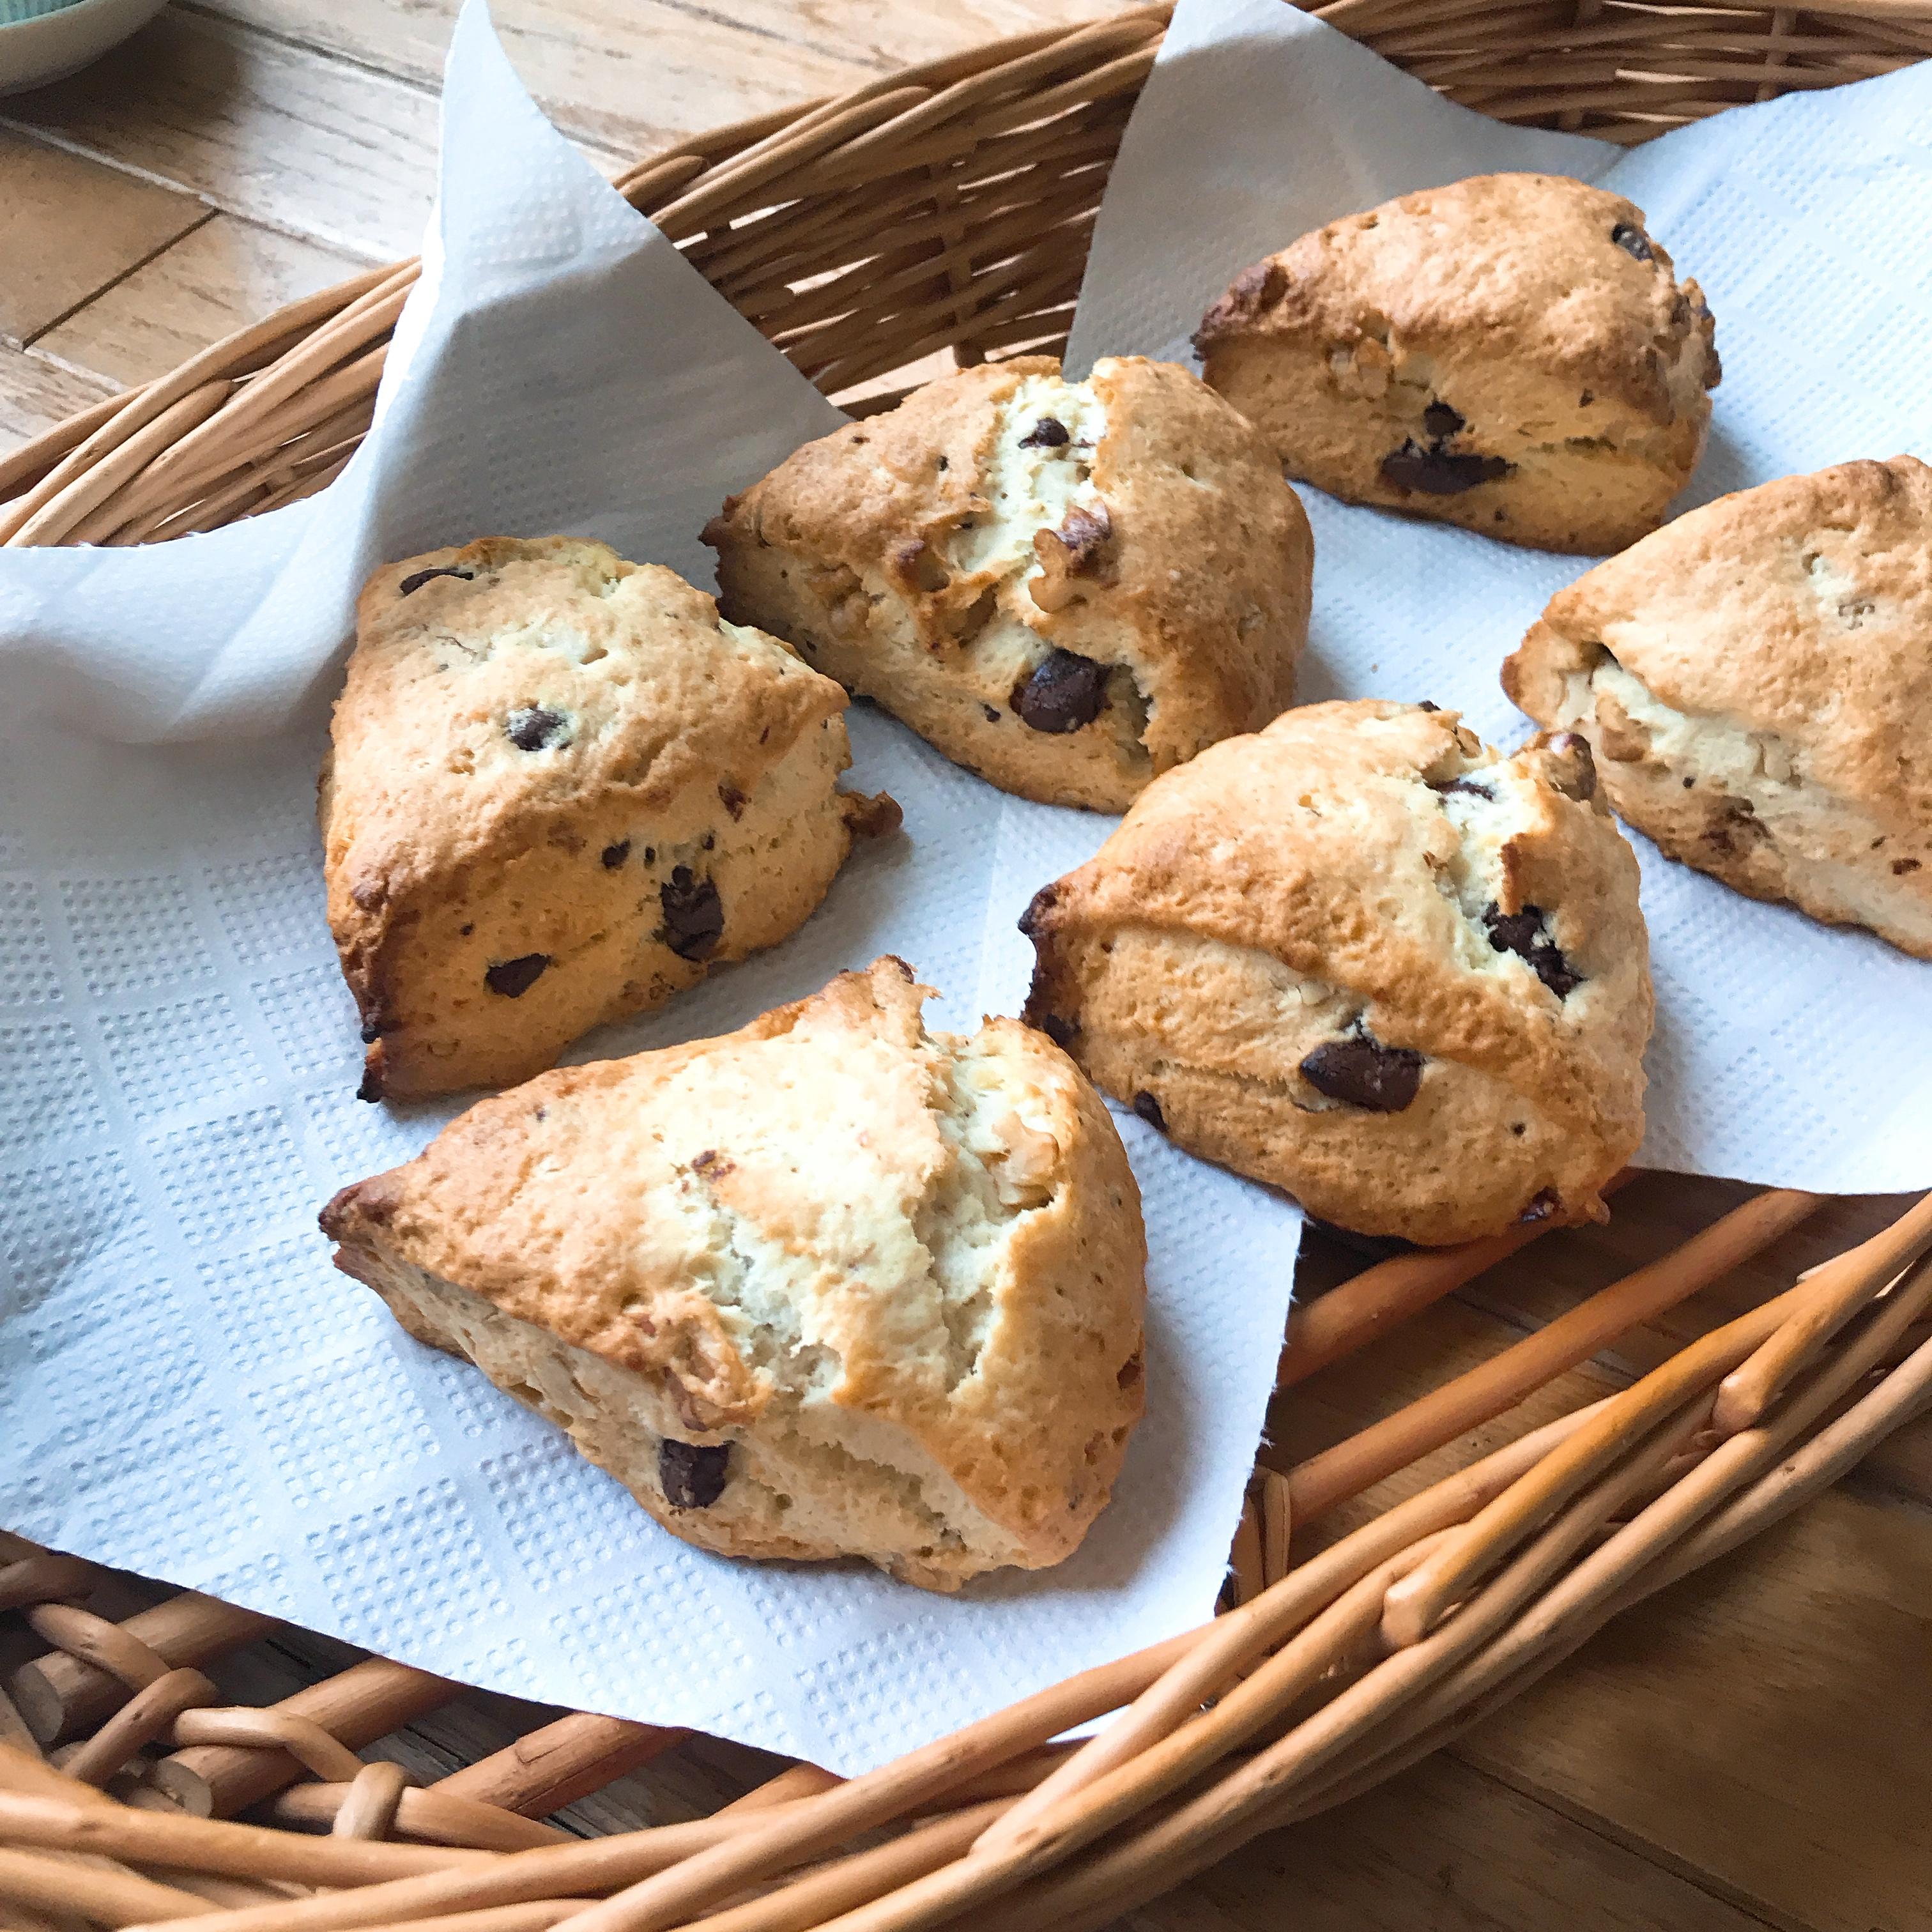 【開催報告】スコーンの作り方:理論から学ぶお菓子作り第一回